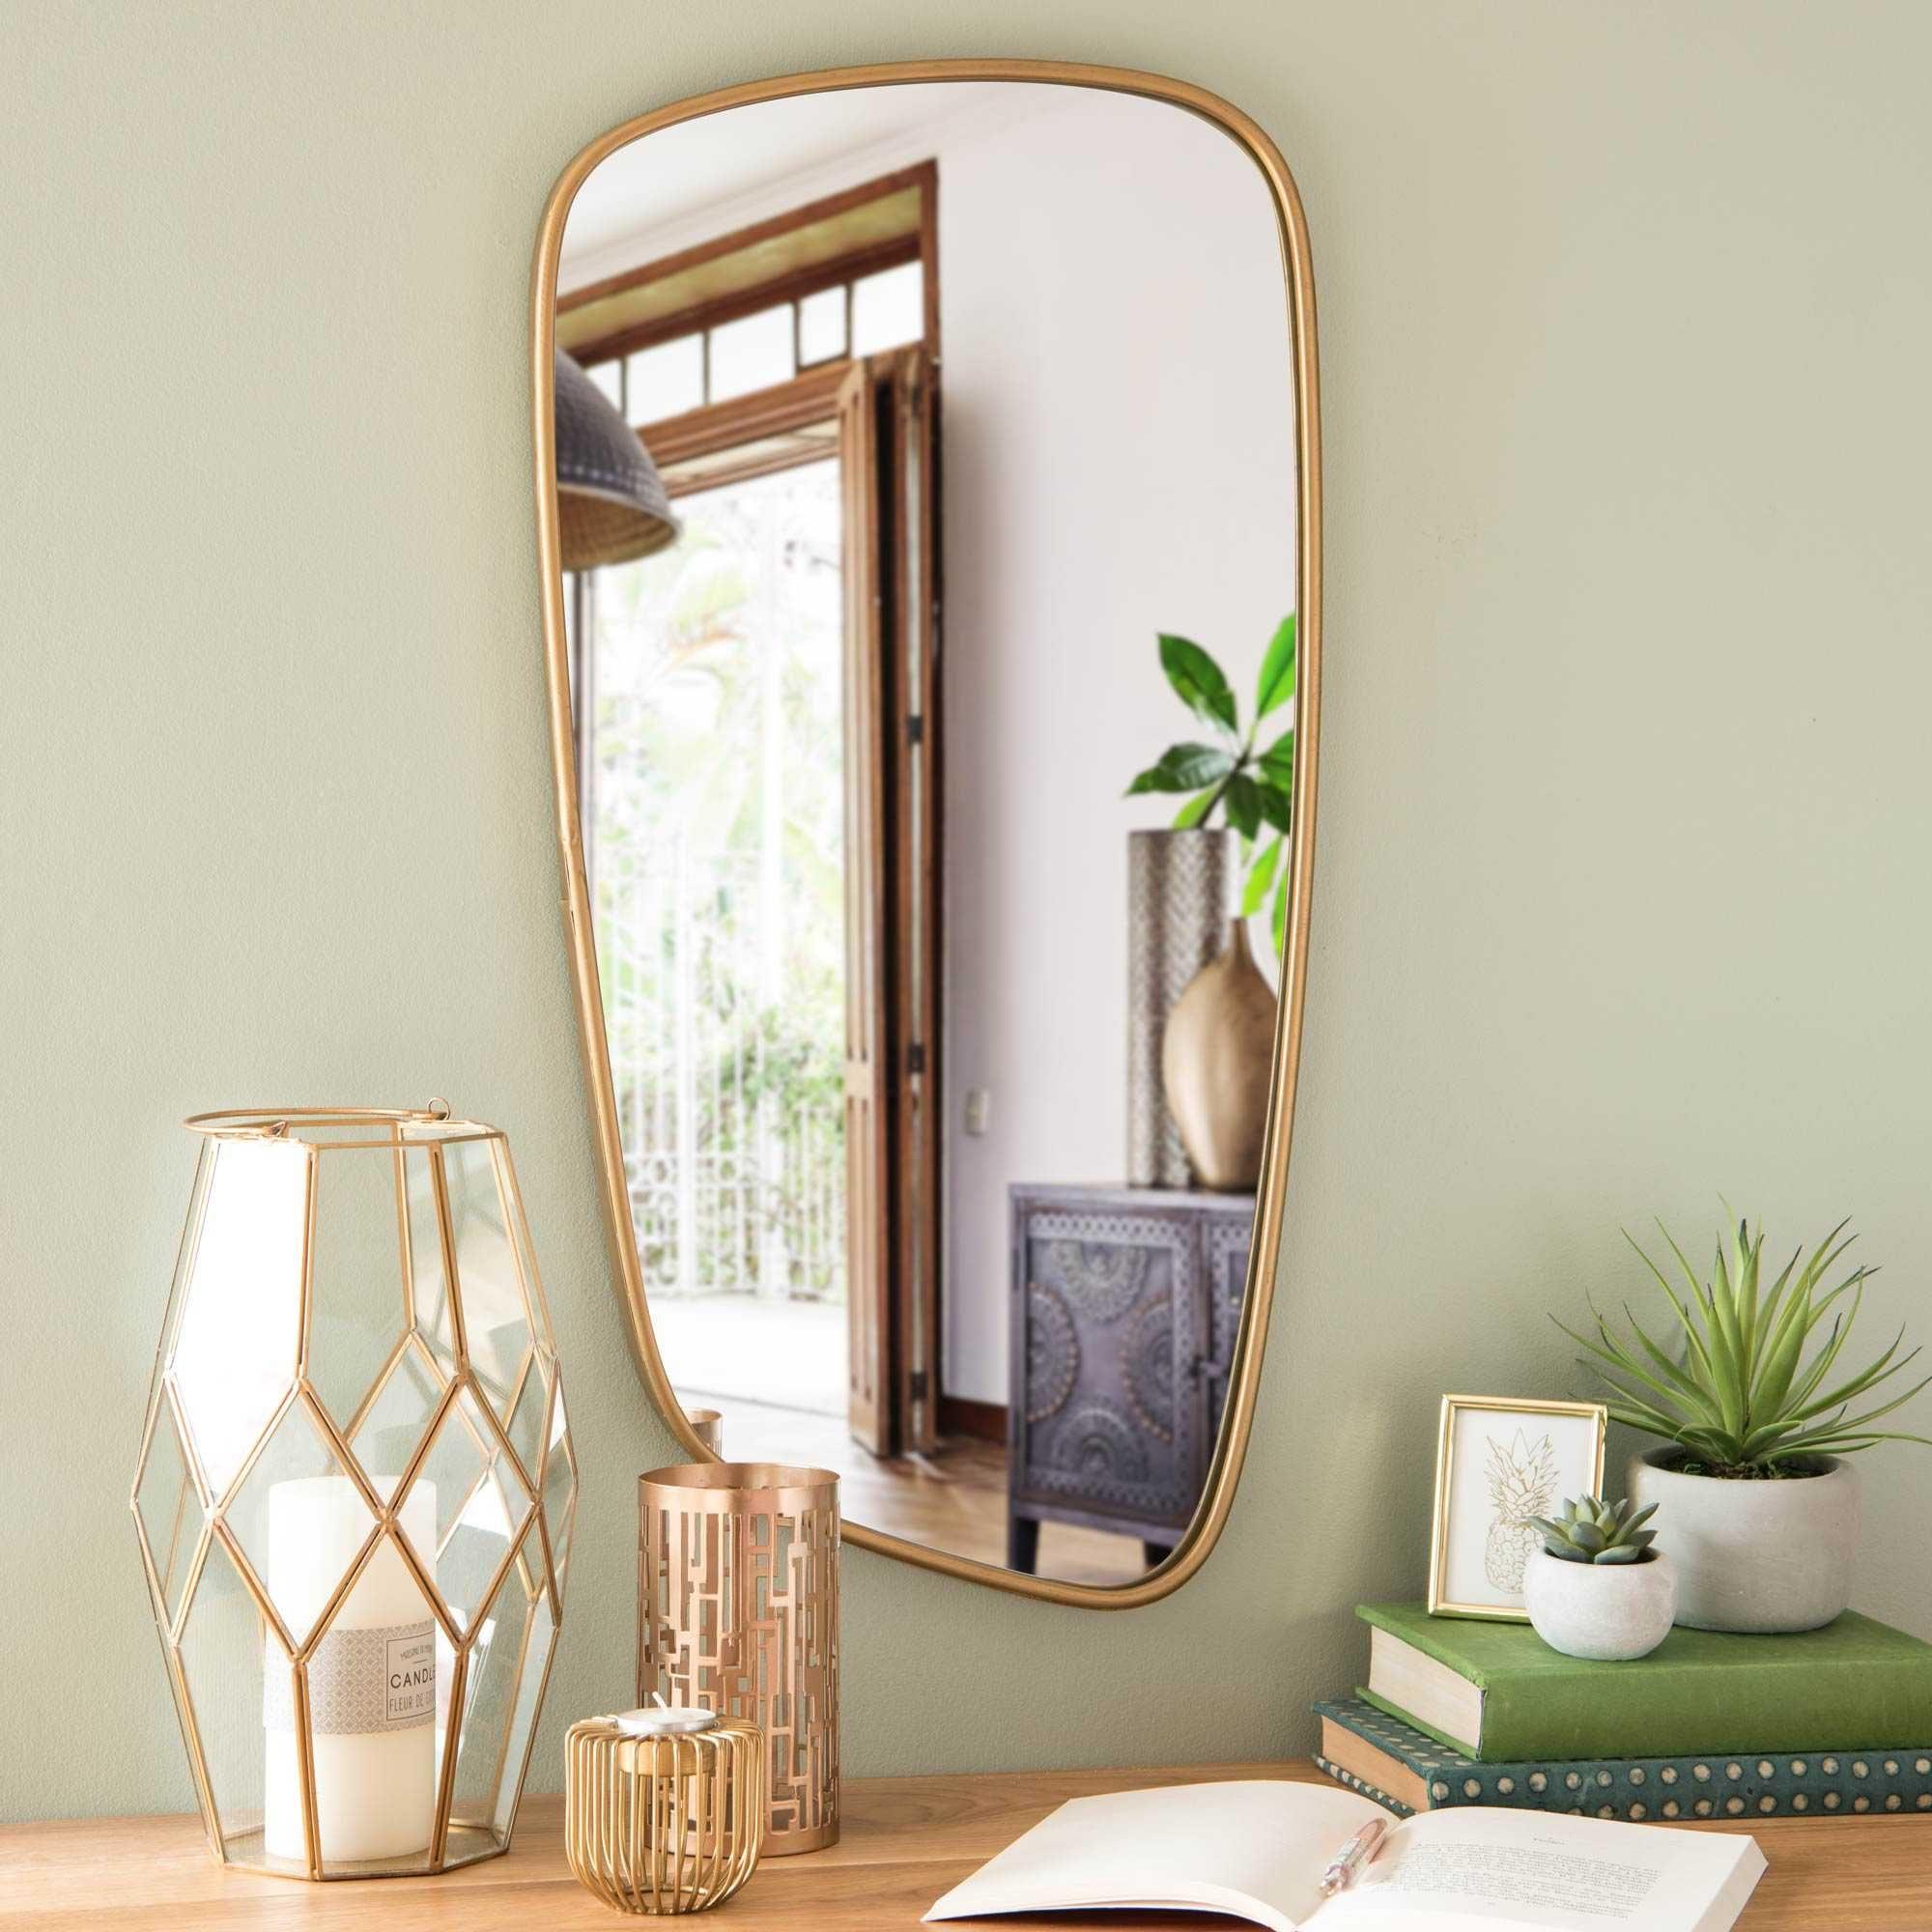 miroir en m tal dor 40x70cm anzio pour mon chez moi miroir metal miroir maison du monde. Black Bedroom Furniture Sets. Home Design Ideas